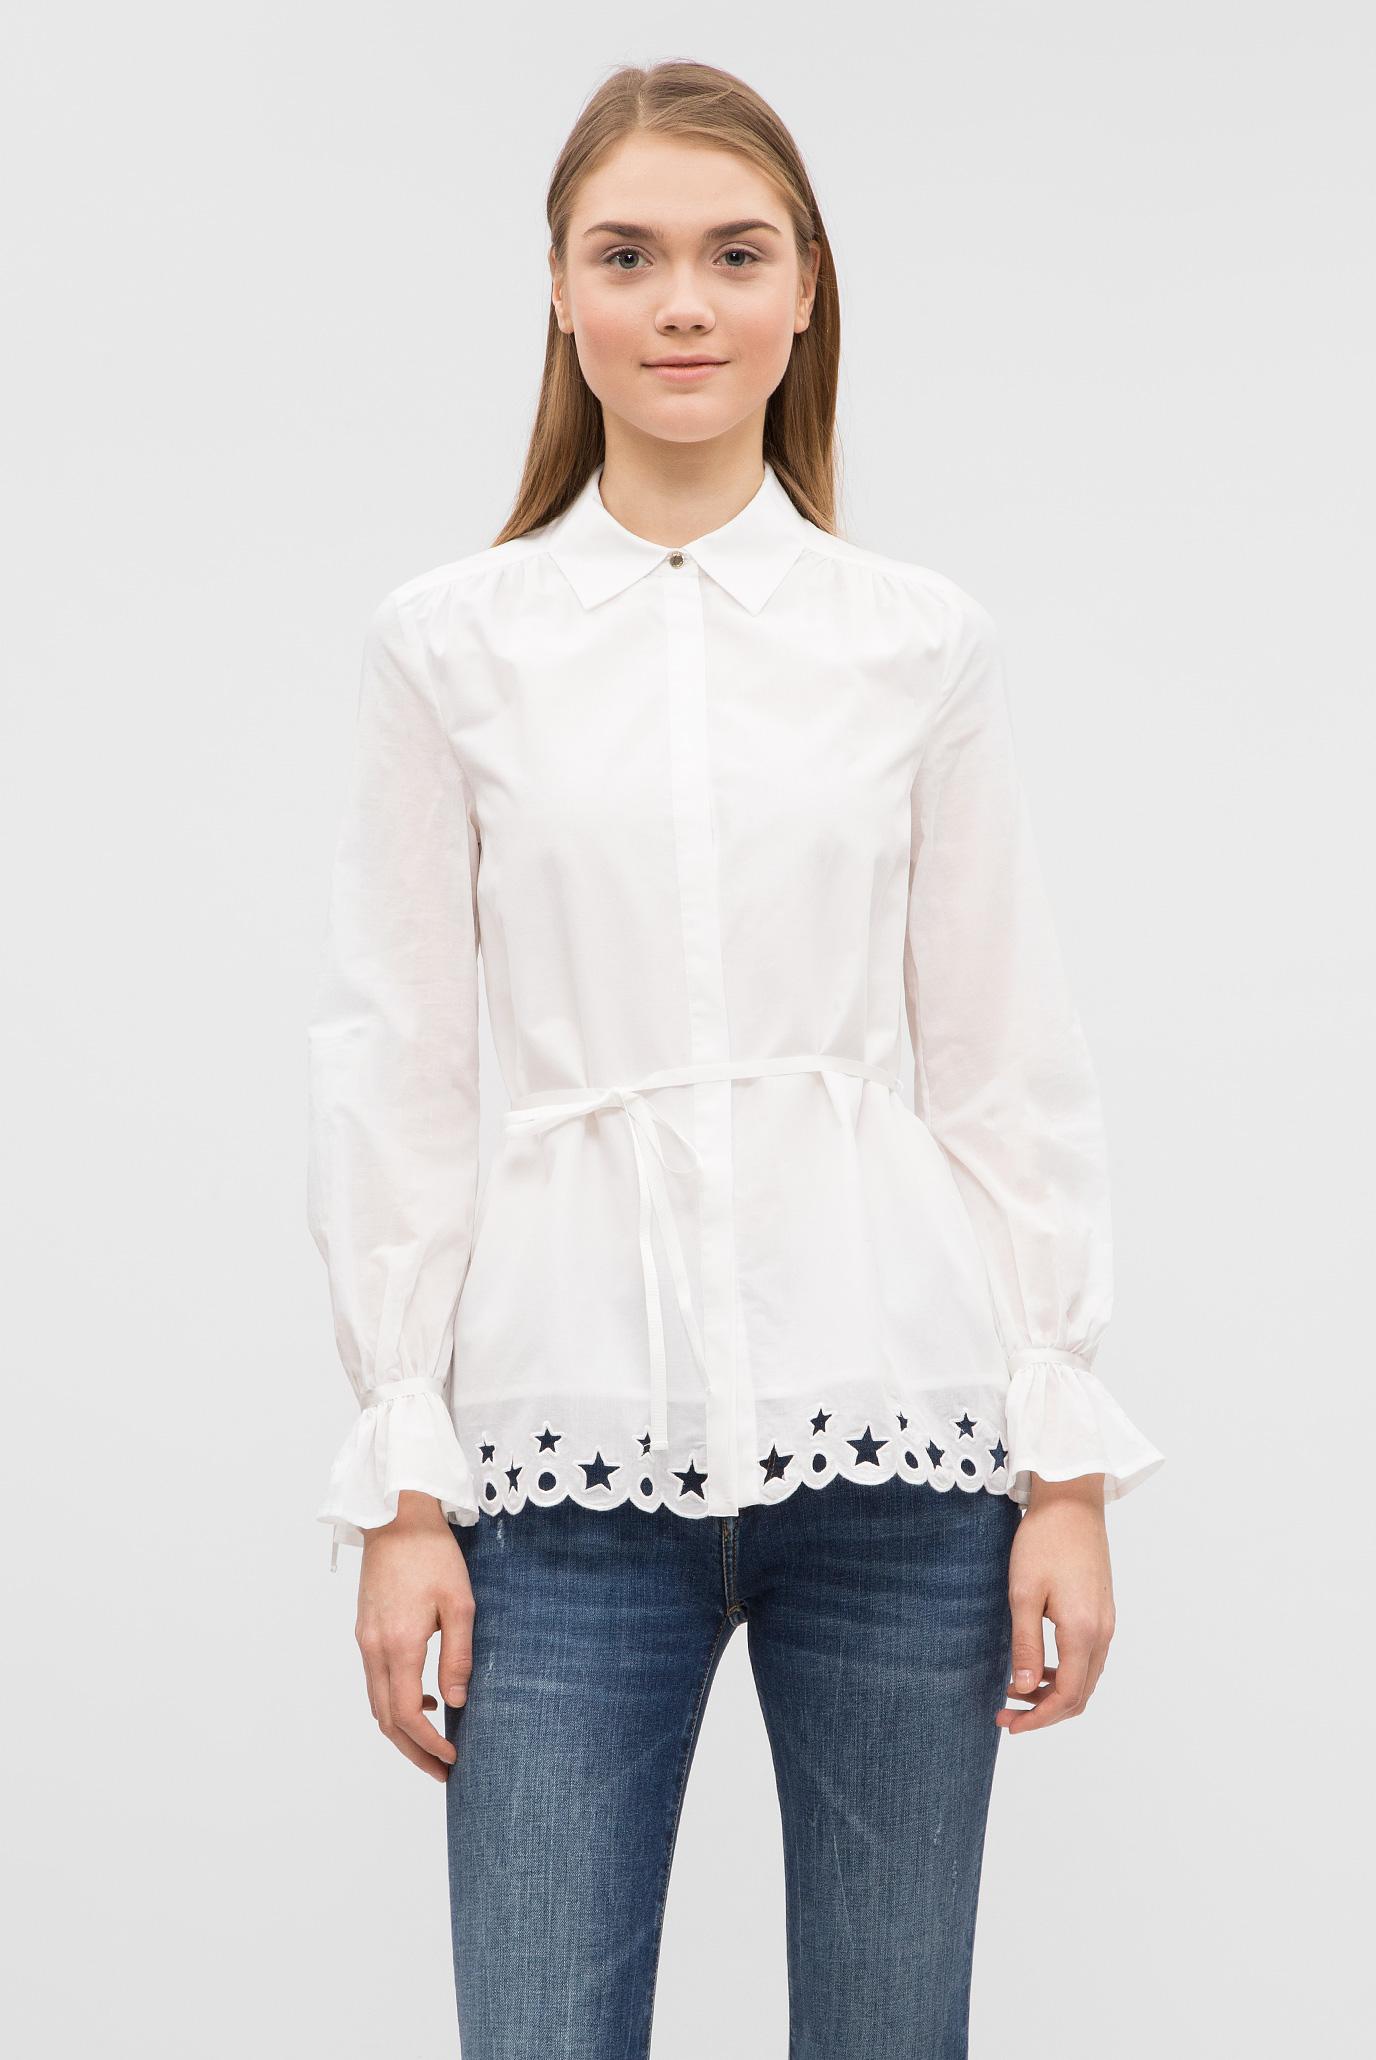 Купить Женская белая блуза  Tommy Hilfiger Tommy Hilfiger WW0WW21504 – Киев, Украина. Цены в интернет магазине MD Fashion